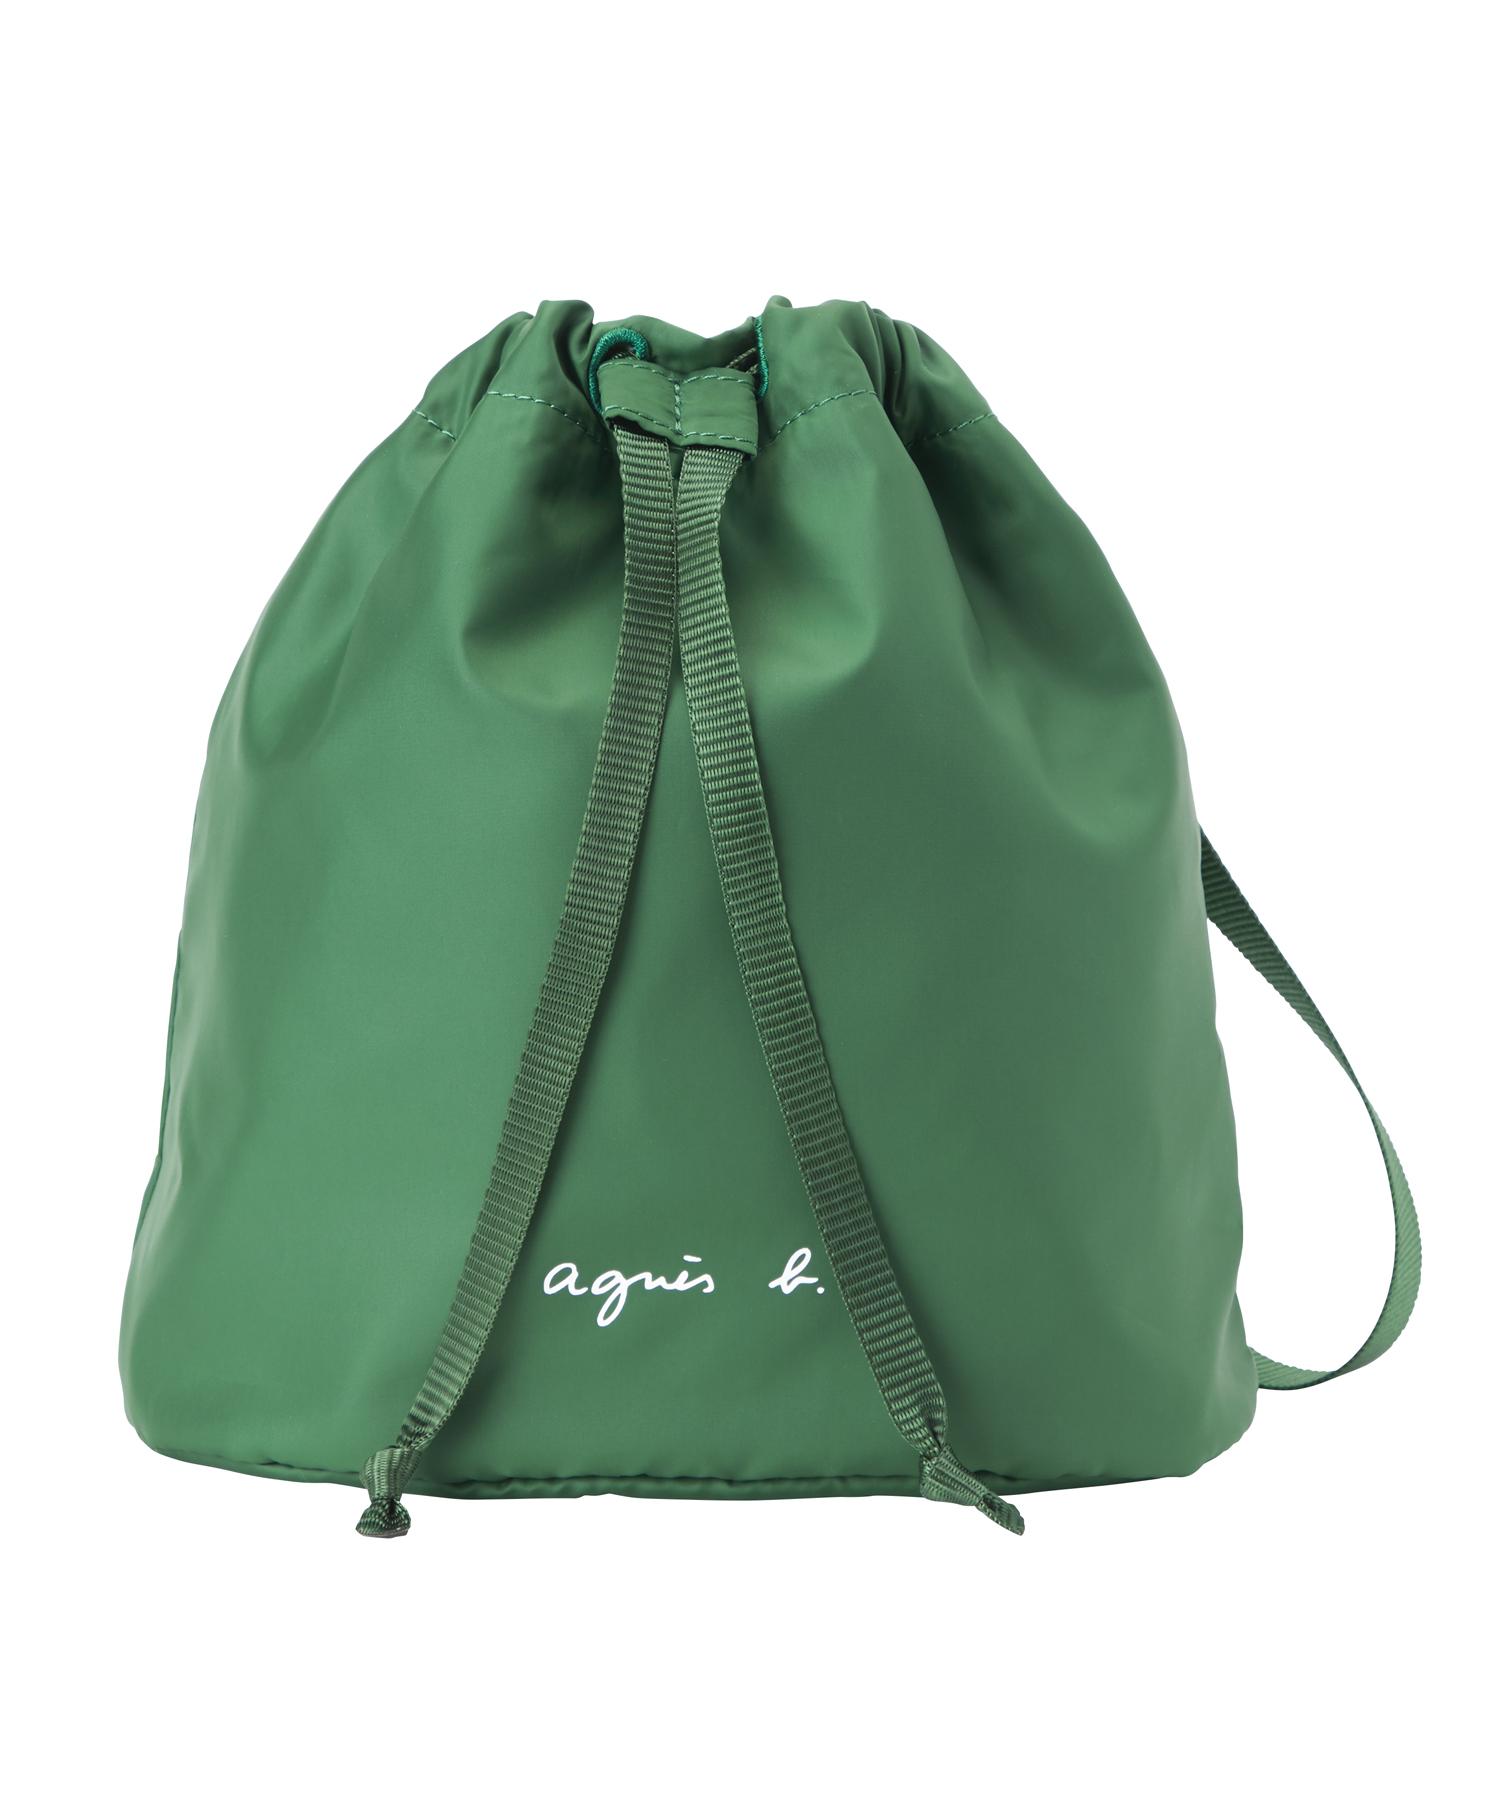 QAH07-02 ミニショルダーバッグ